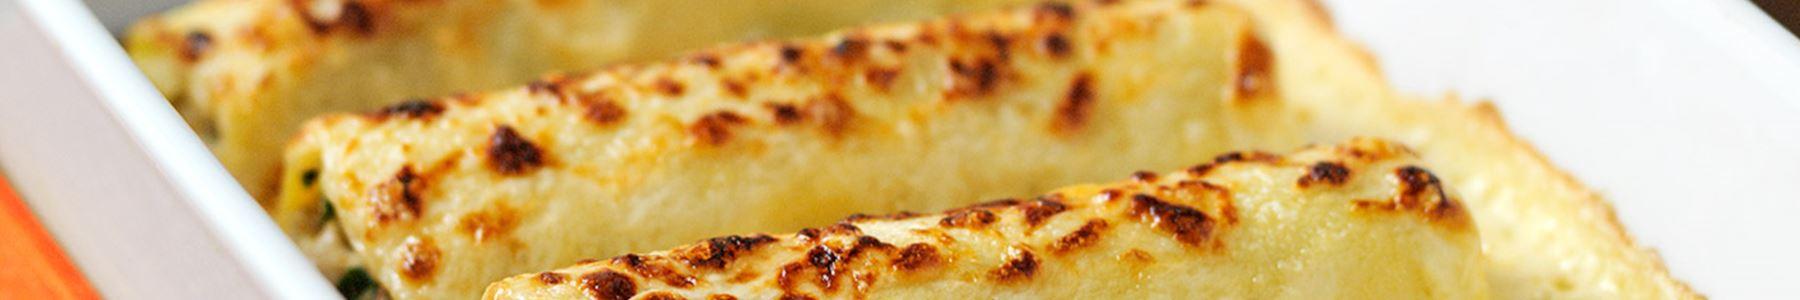 Smör + Canneloni